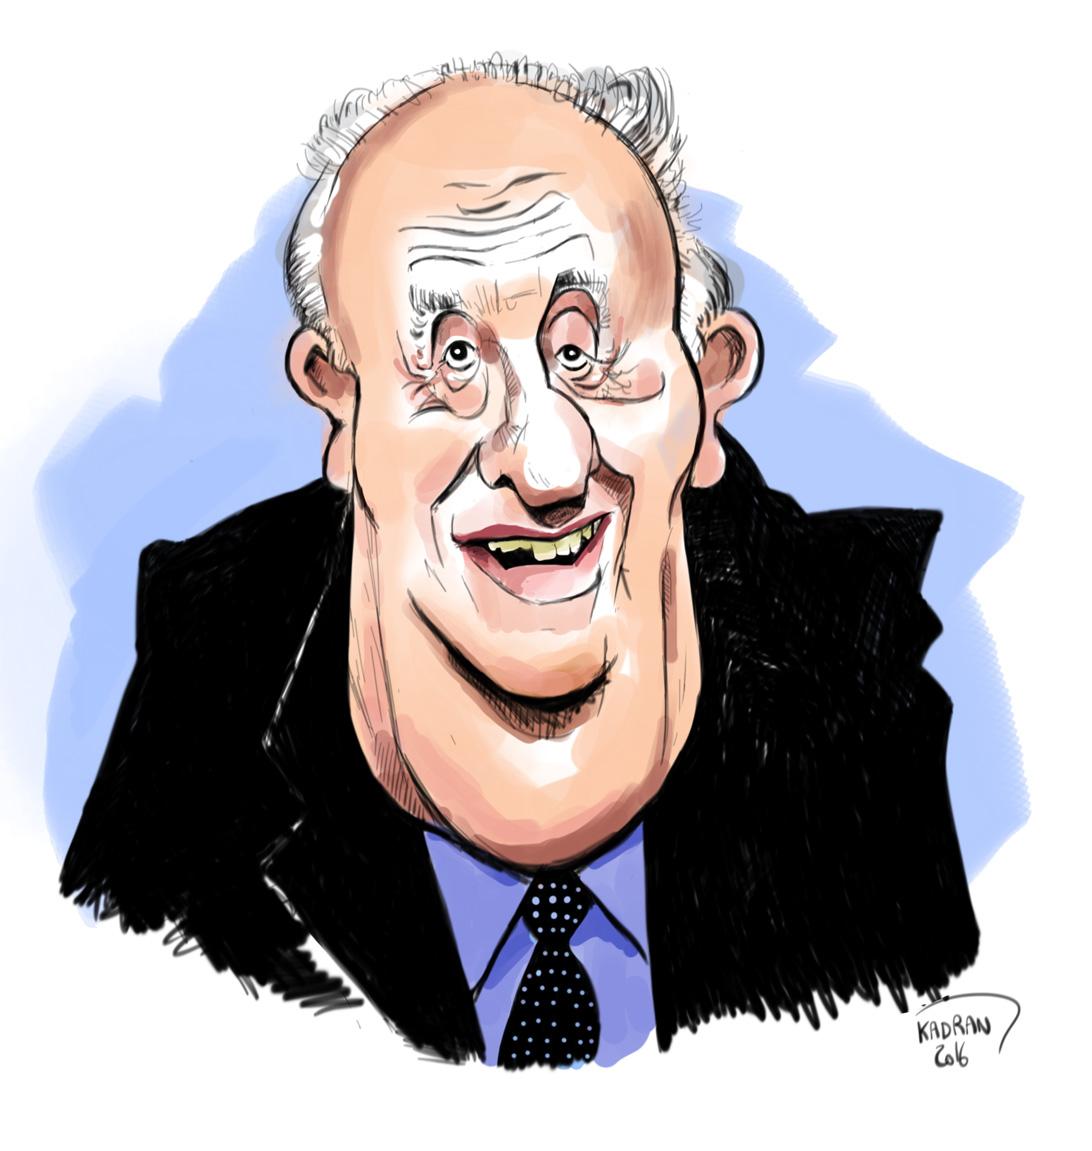 Pierre Tchernia caricature sketch